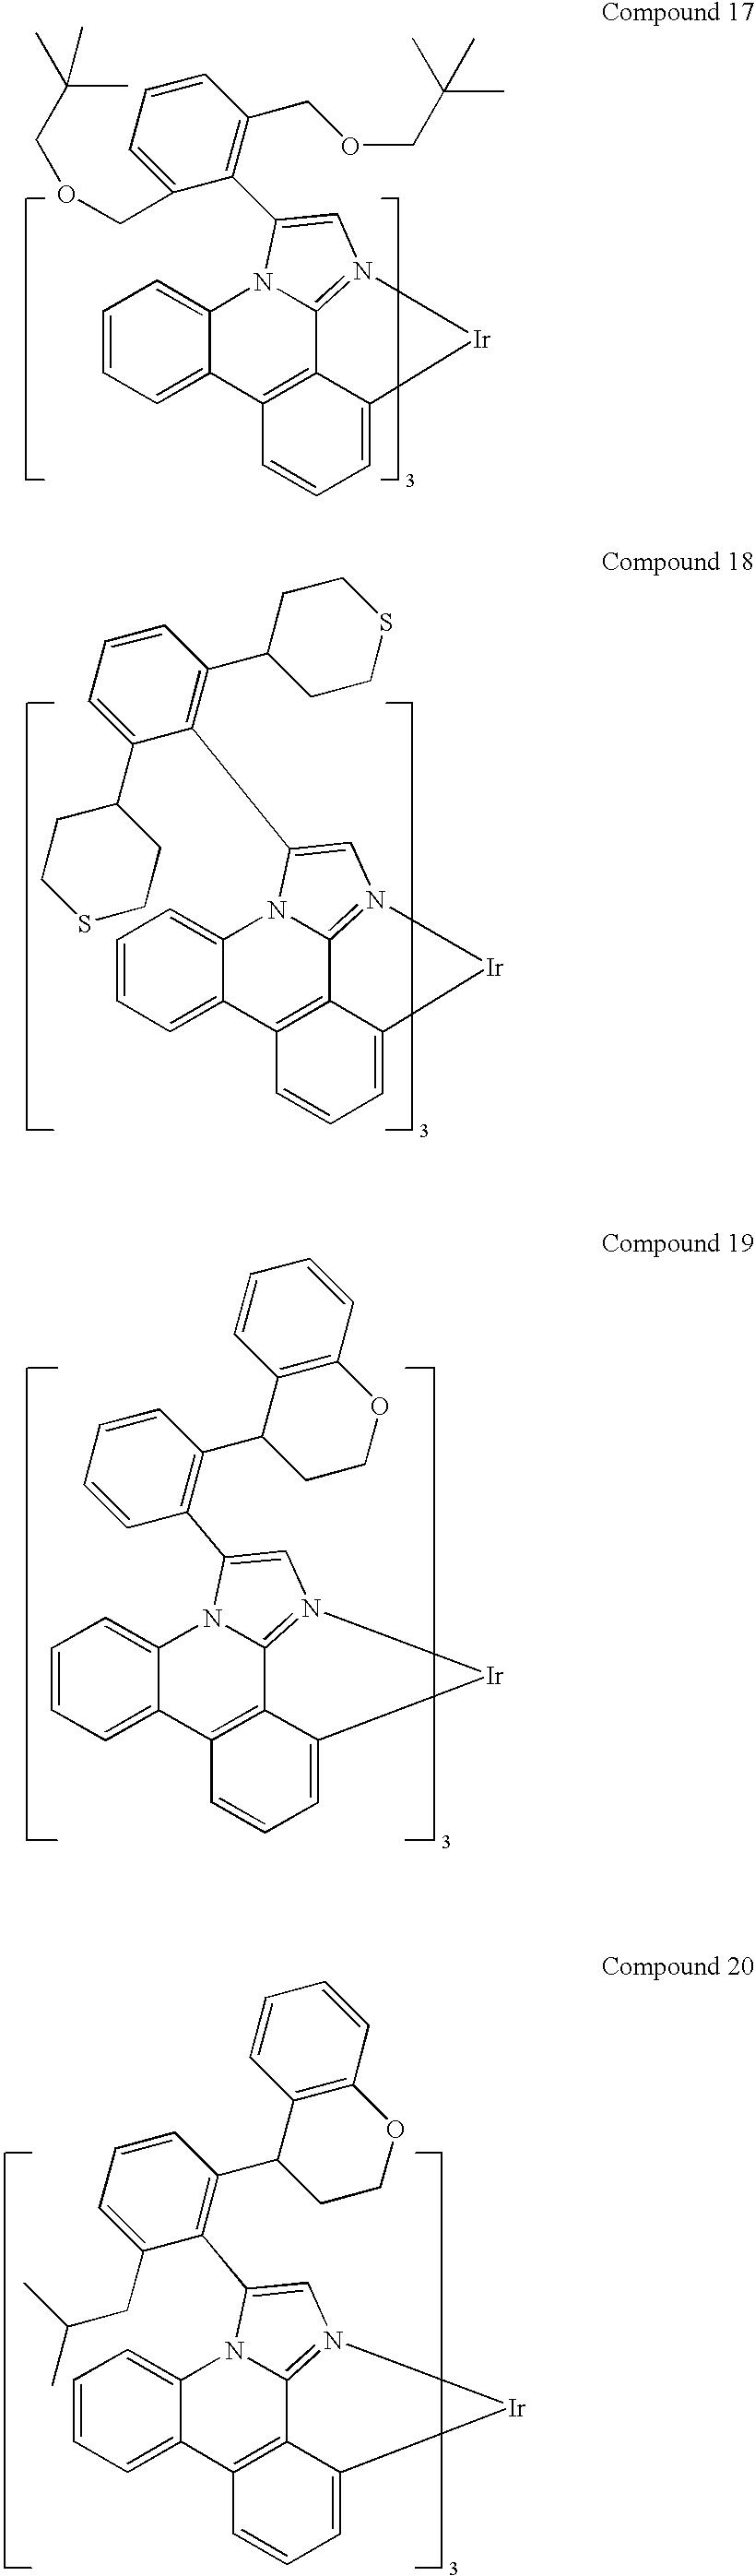 Figure US20100148663A1-20100617-C00011